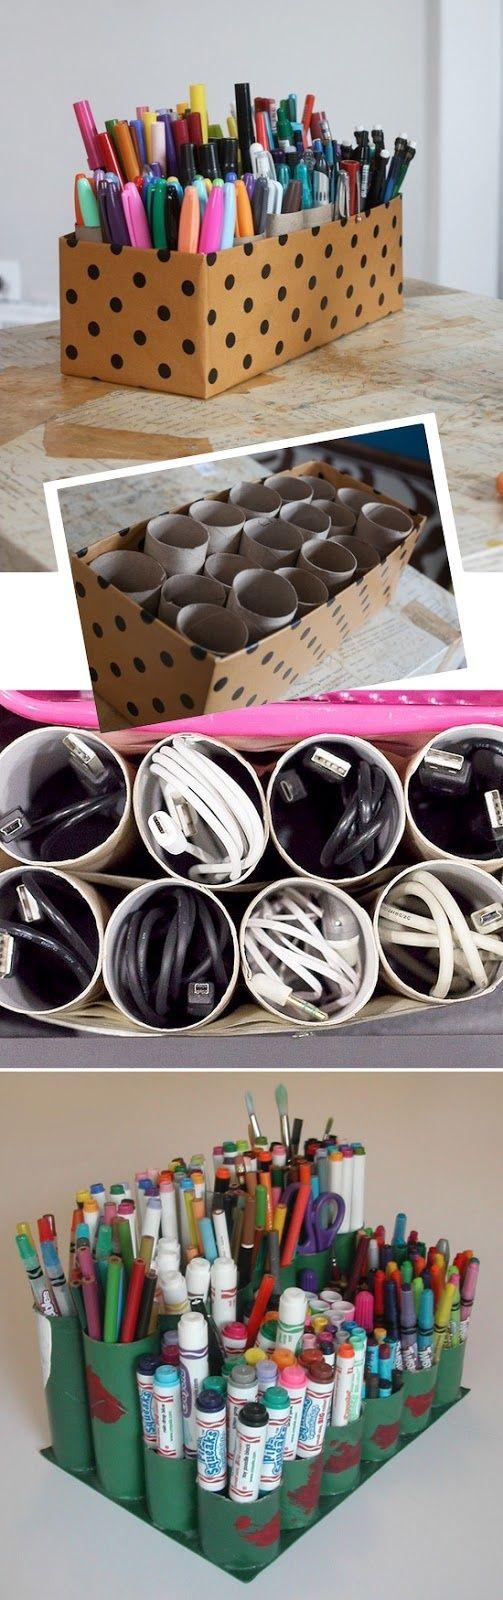 Boite Rangement Papier Wc toilet paper roll storage ideas   organisation de l